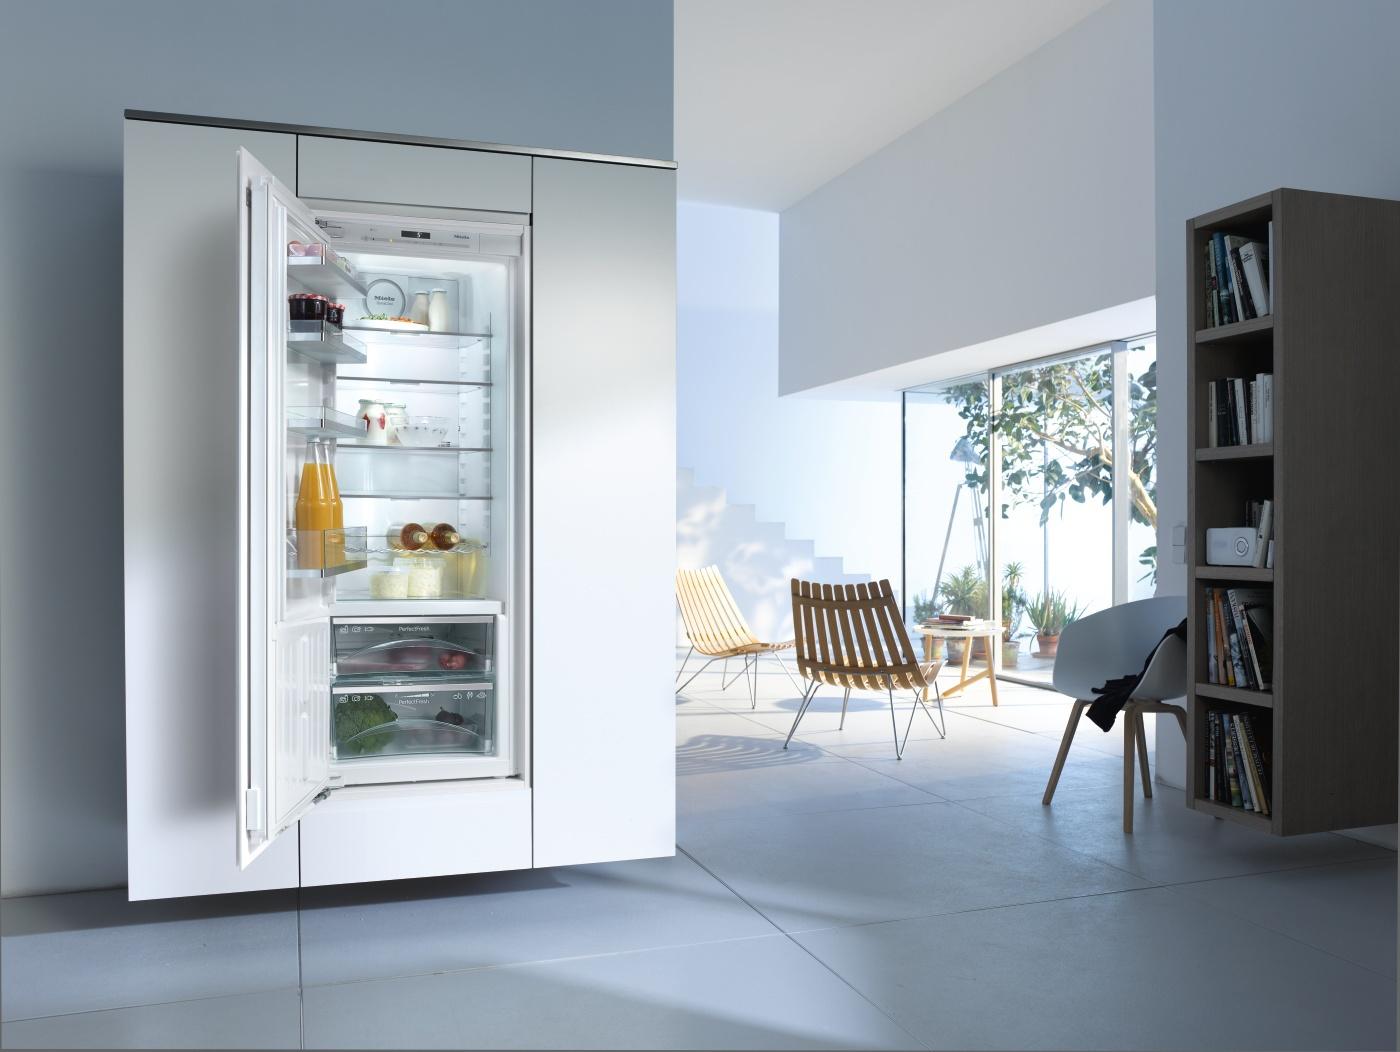 Kühlschrank: Glossar zu Funktionen, Lagerung von Lebensmitteln und ...